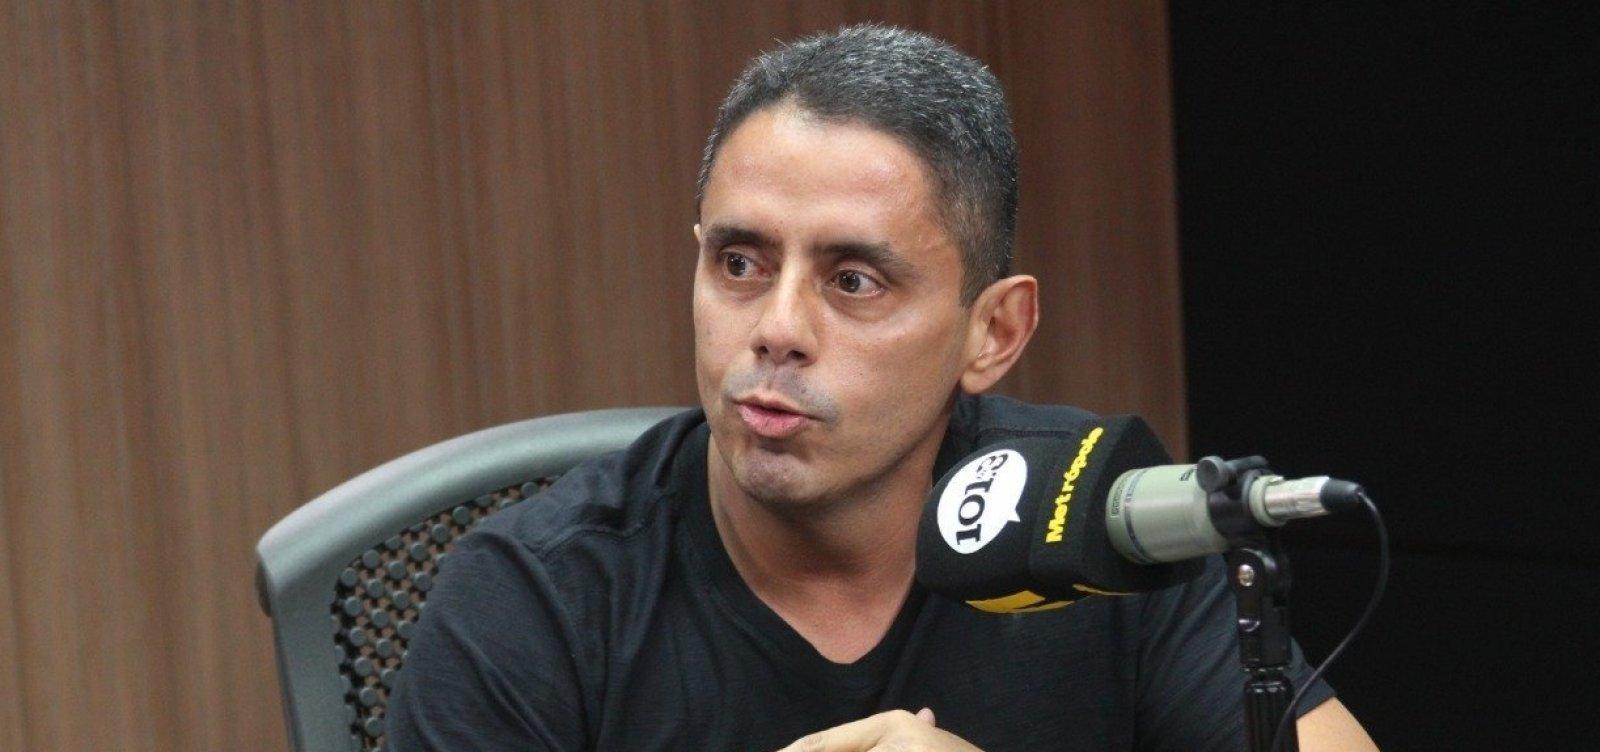 [Gamil afirma que suposta aproximação entre Moro e procuradores é 'espúria']